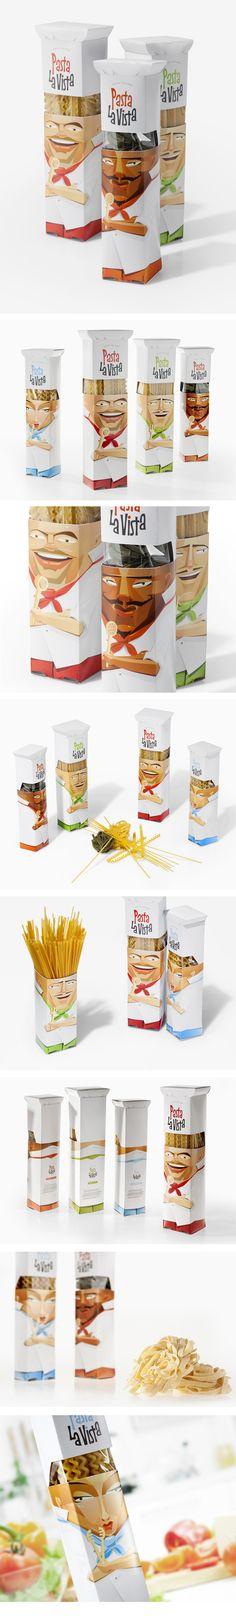 Fun pasta packaging